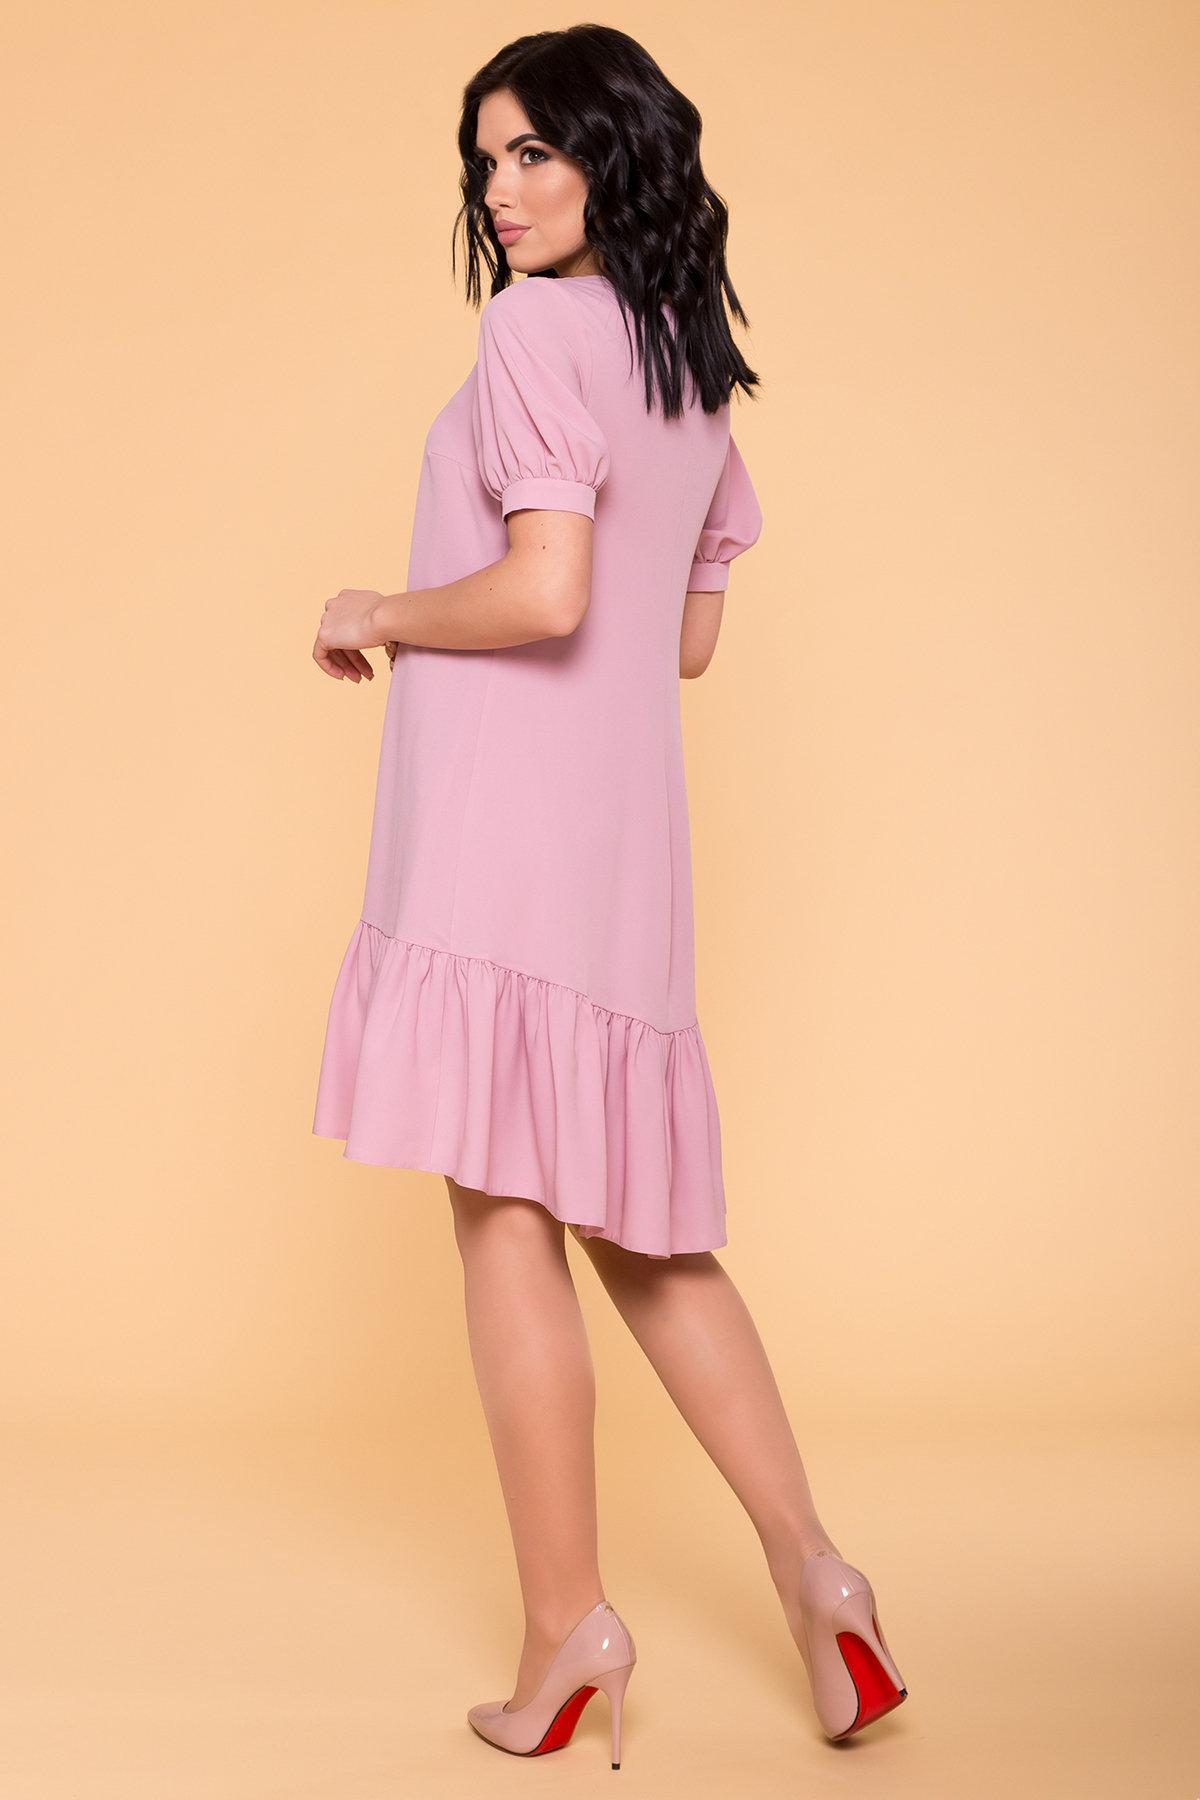 Платье Алиби 6730 АРТ. 41878 Цвет: Серо-розовый 007 - фото 2, интернет магазин tm-modus.ru